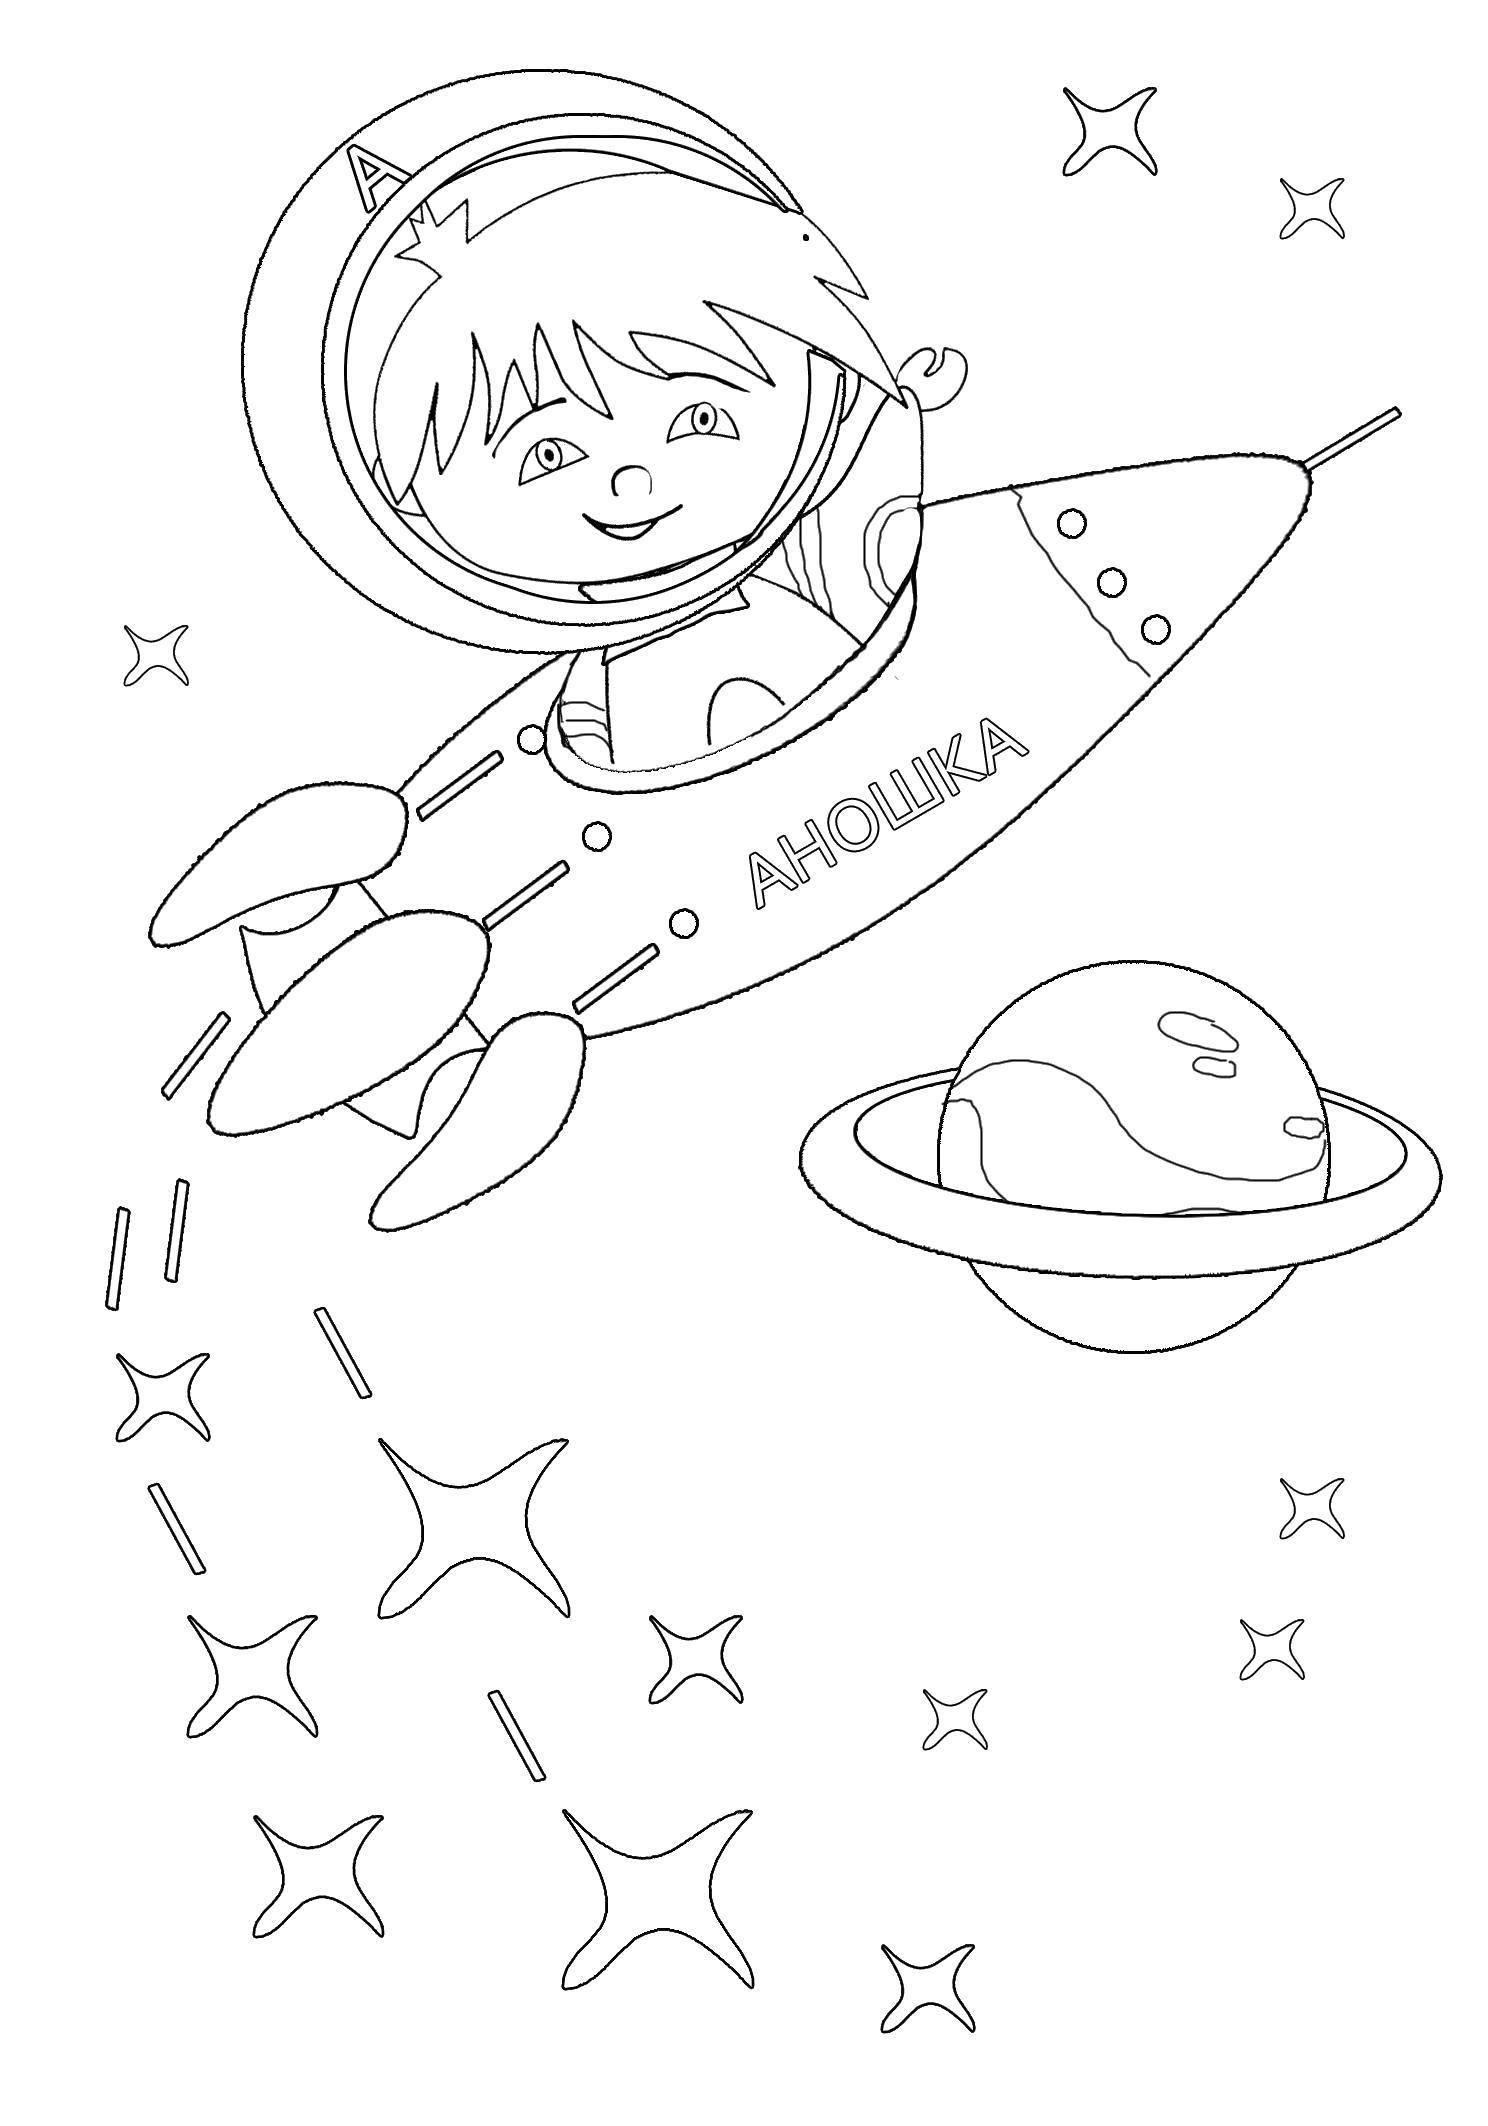 шубы стриженной картинки раскраски о космосе там